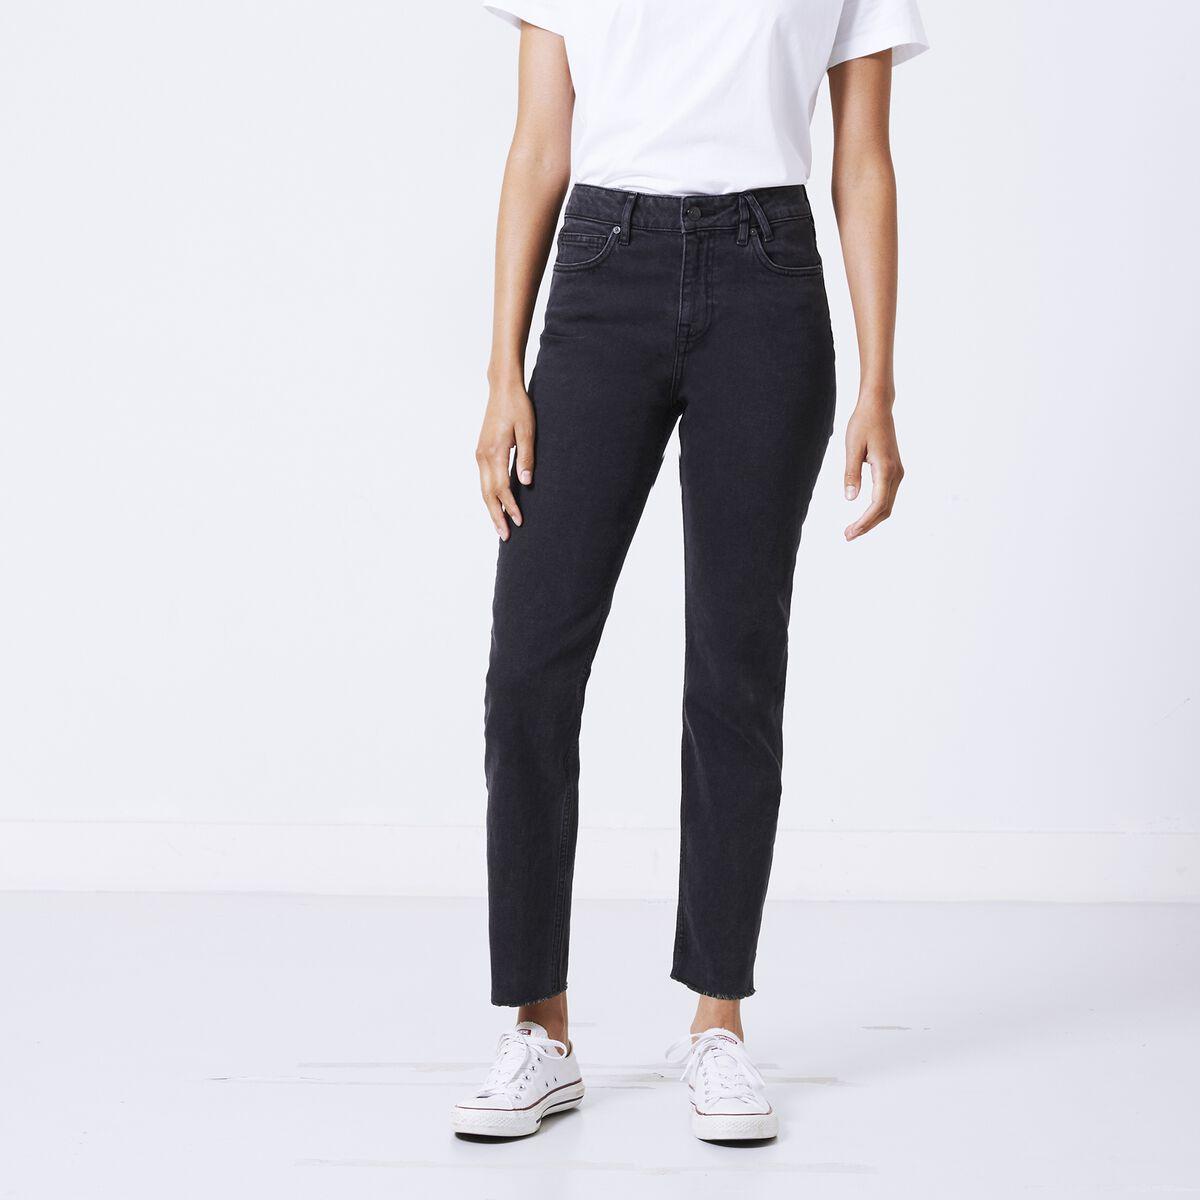 Jeans July